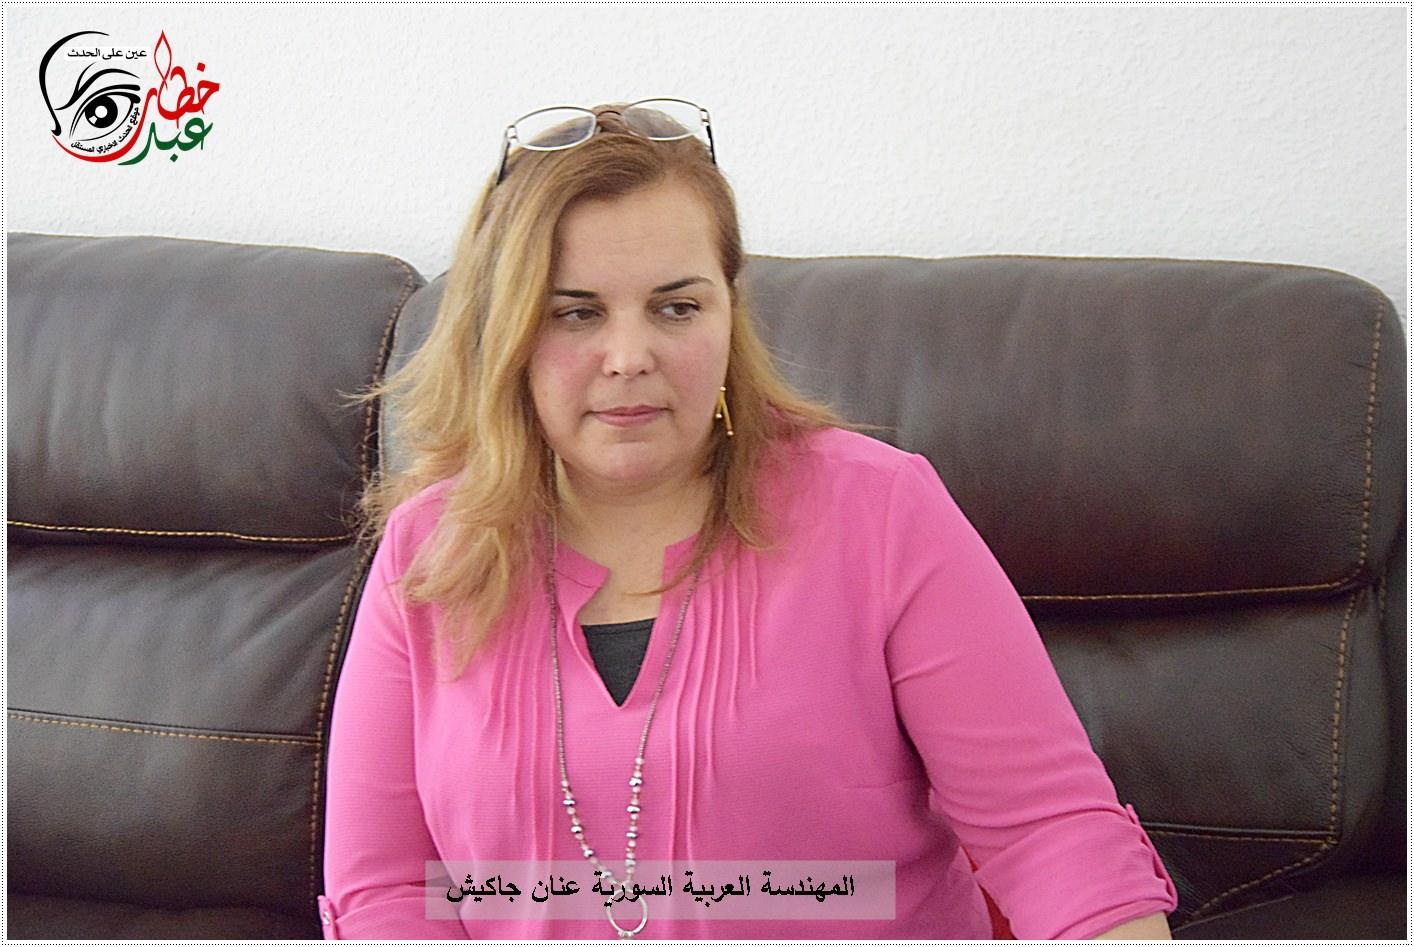 بانوراما برلين ضيفة الحلقة المهندسة العربية السورية عنان جاكيش